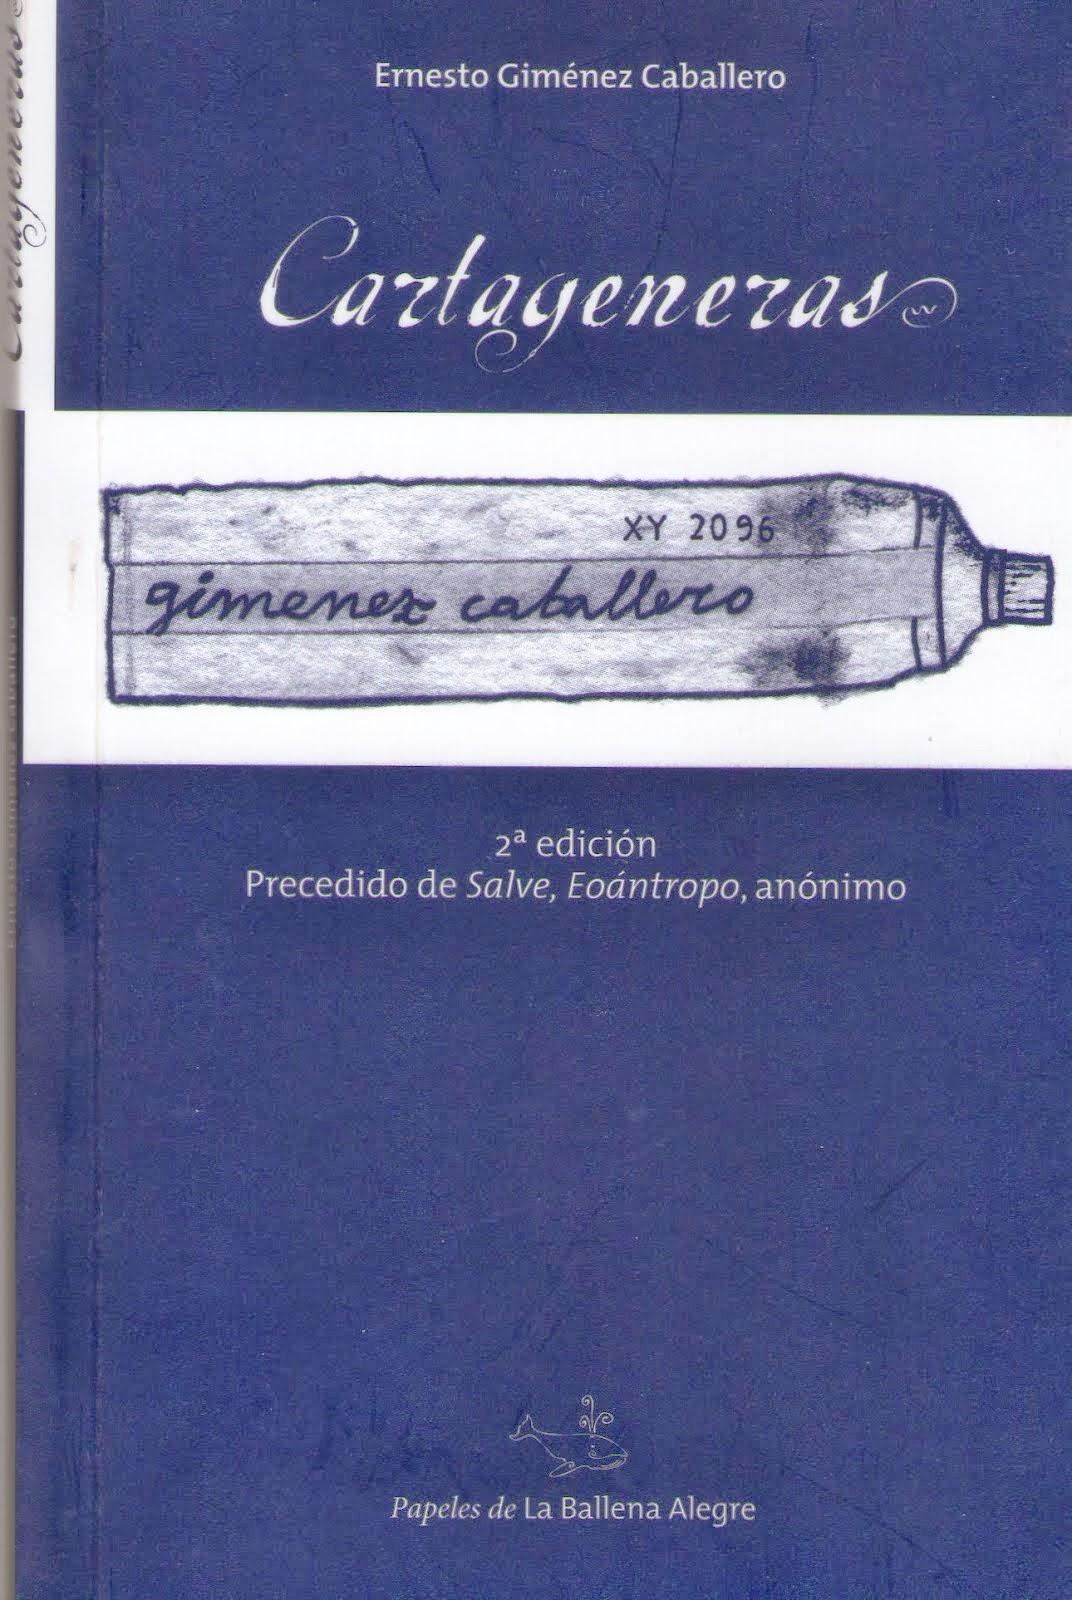 Edición de E. Giménez Caballero